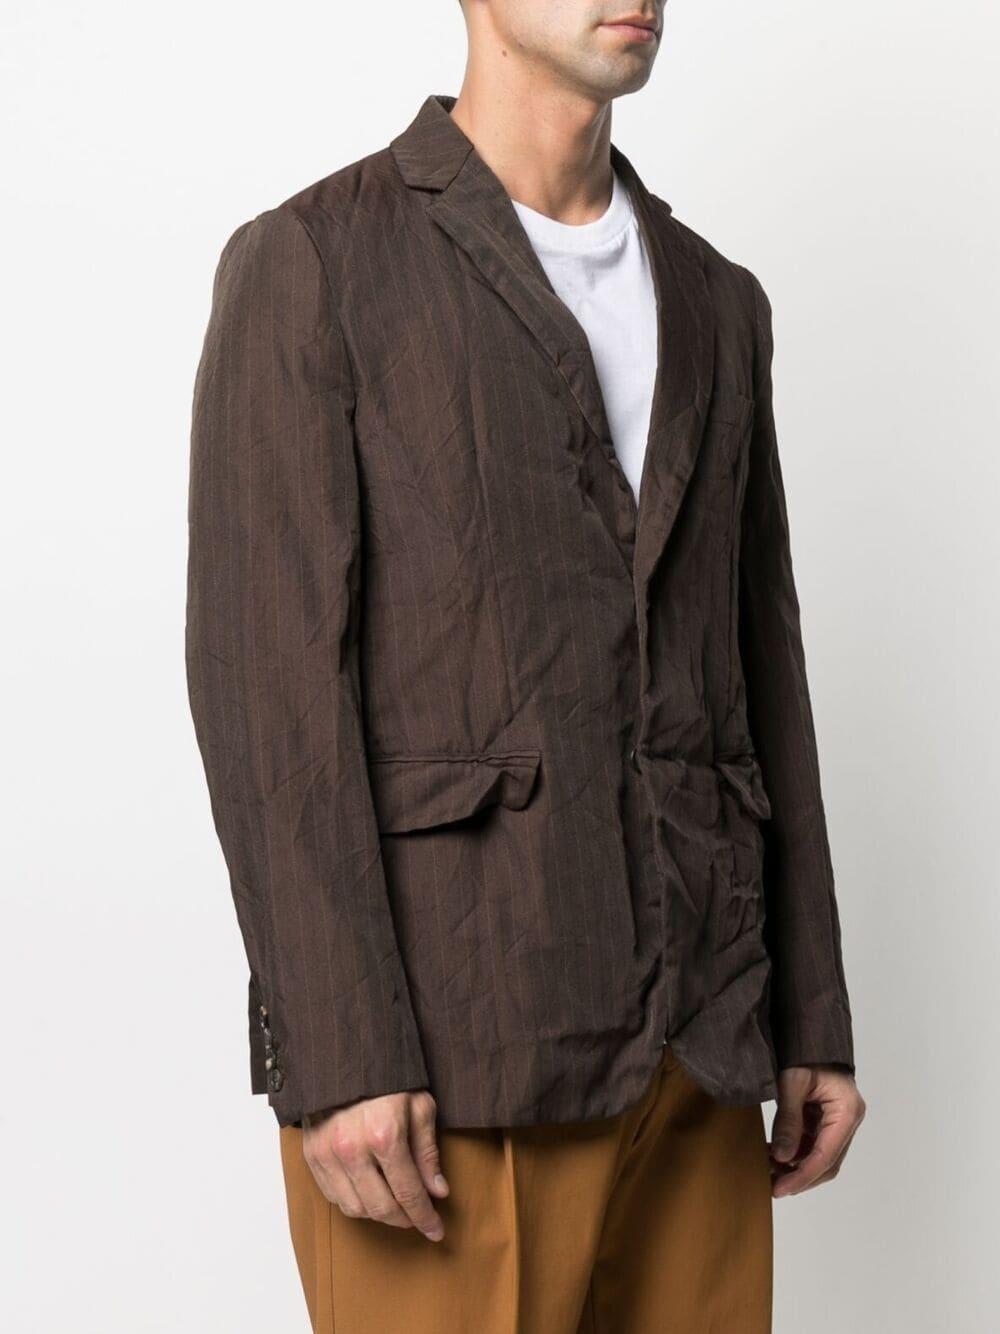 HOMME DEUX COMME DES GARCONS   Jacket   DG-J032-0511